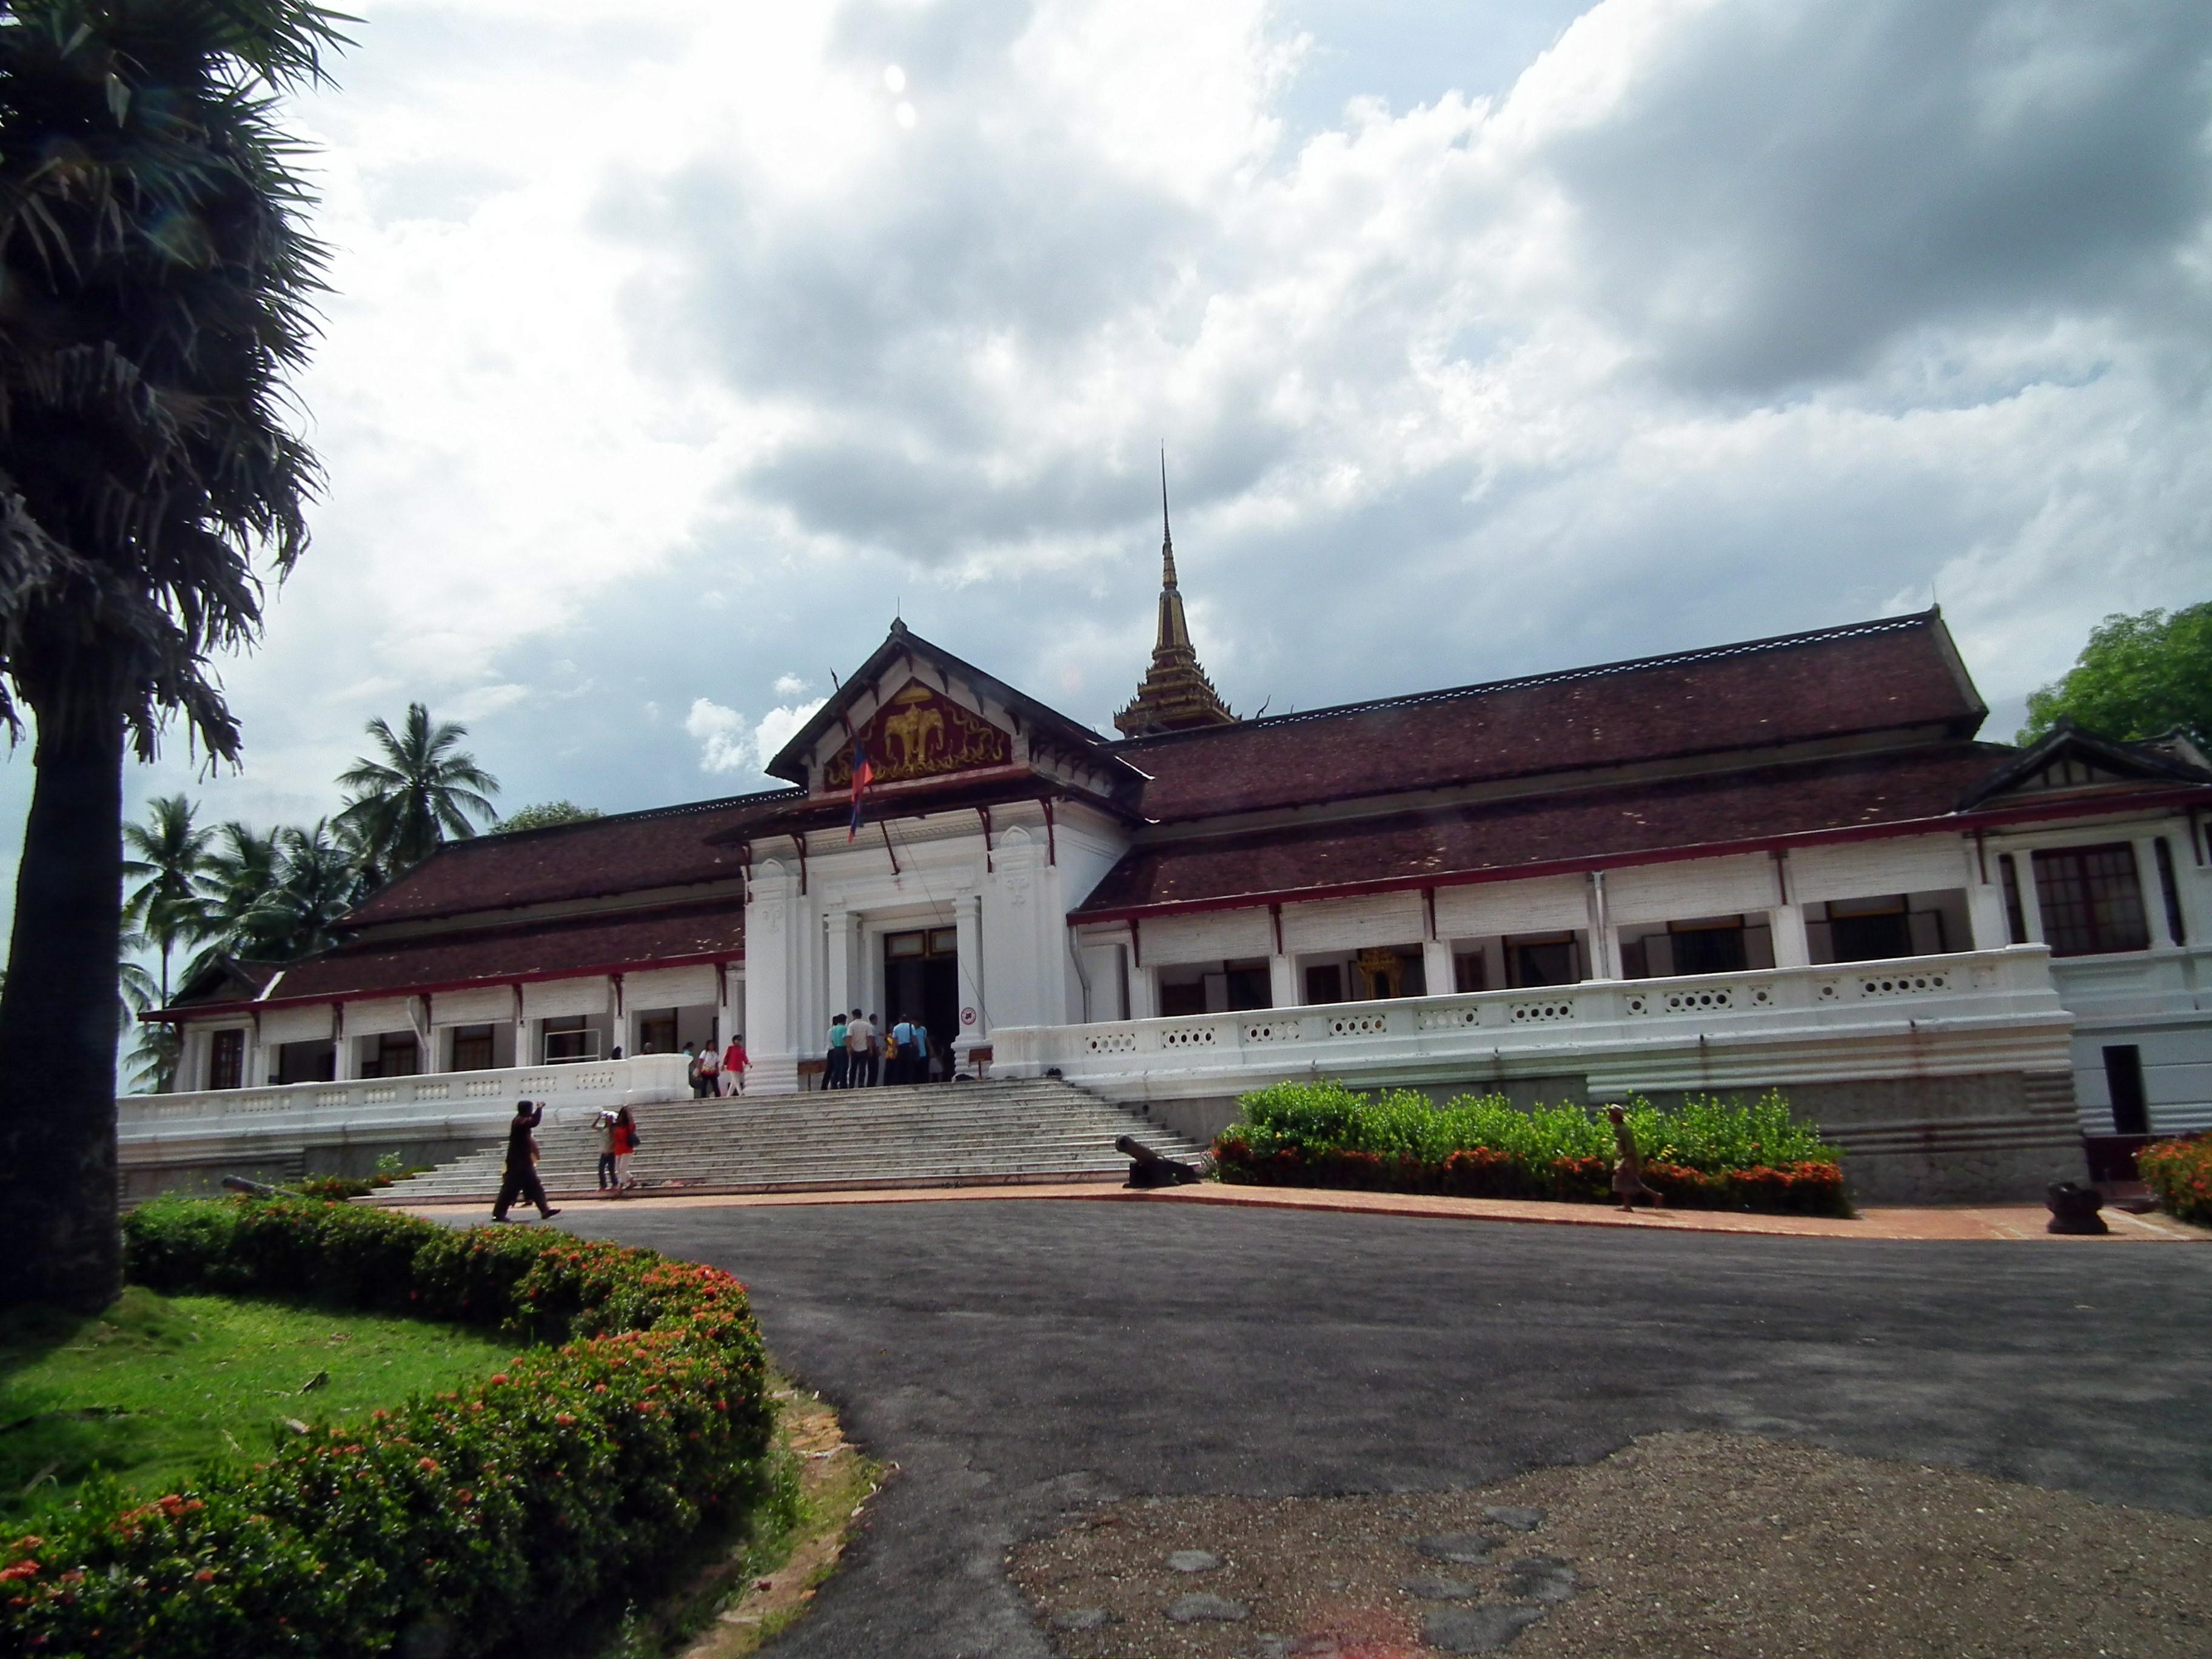 Bảo tàng Cung điện hoàng gia